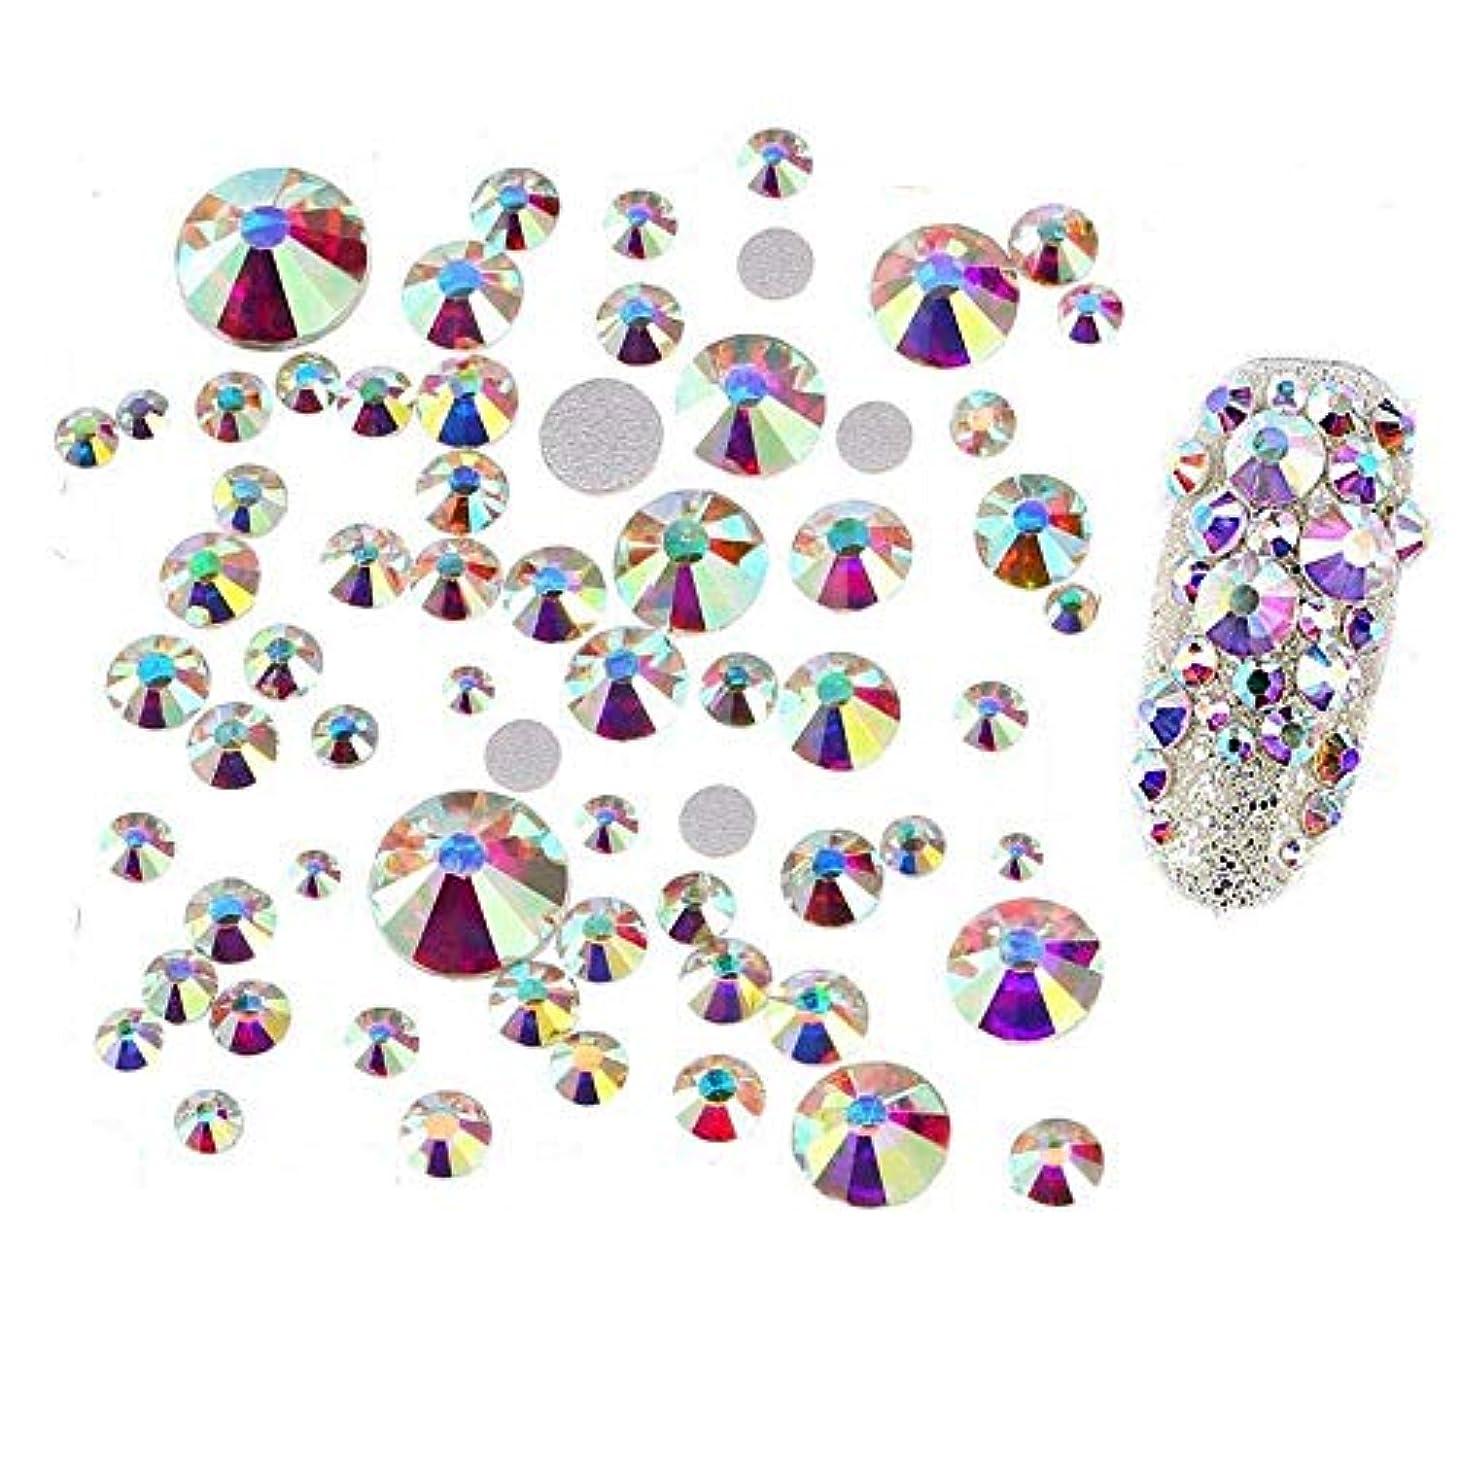 不正直忘れられない高度な高品質 ガラスストーン オーロラ クリスタル,ラインストーン ネイル デコ ガラスストーン クリスタル ジェルネイル ネイルパーツ (約200粒)